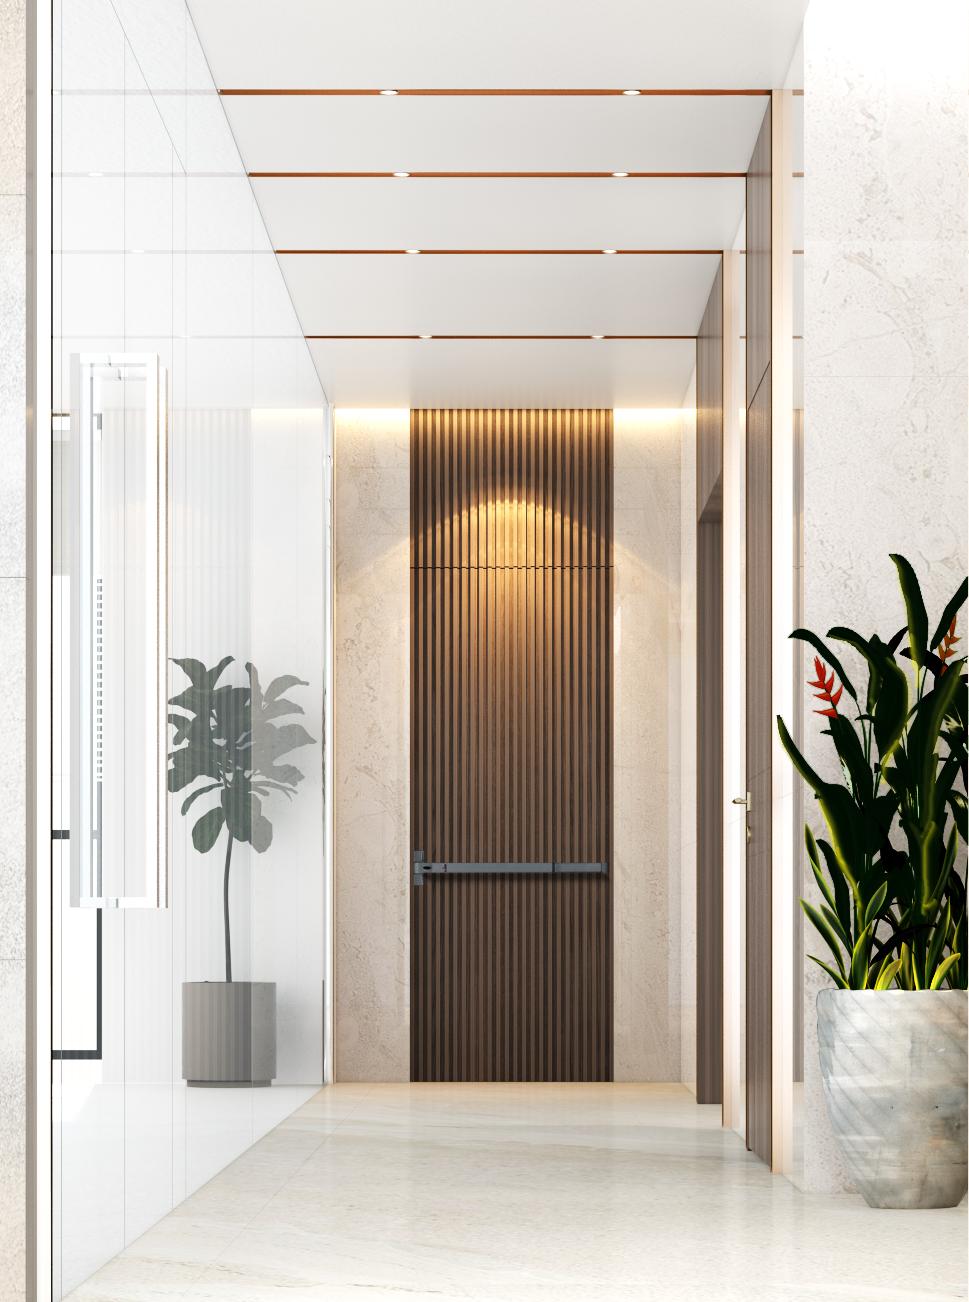 thiết kế nội thất Văn Phòng tại Hồ Chí Minh ASIA TRADE TOWER 1 1548399474